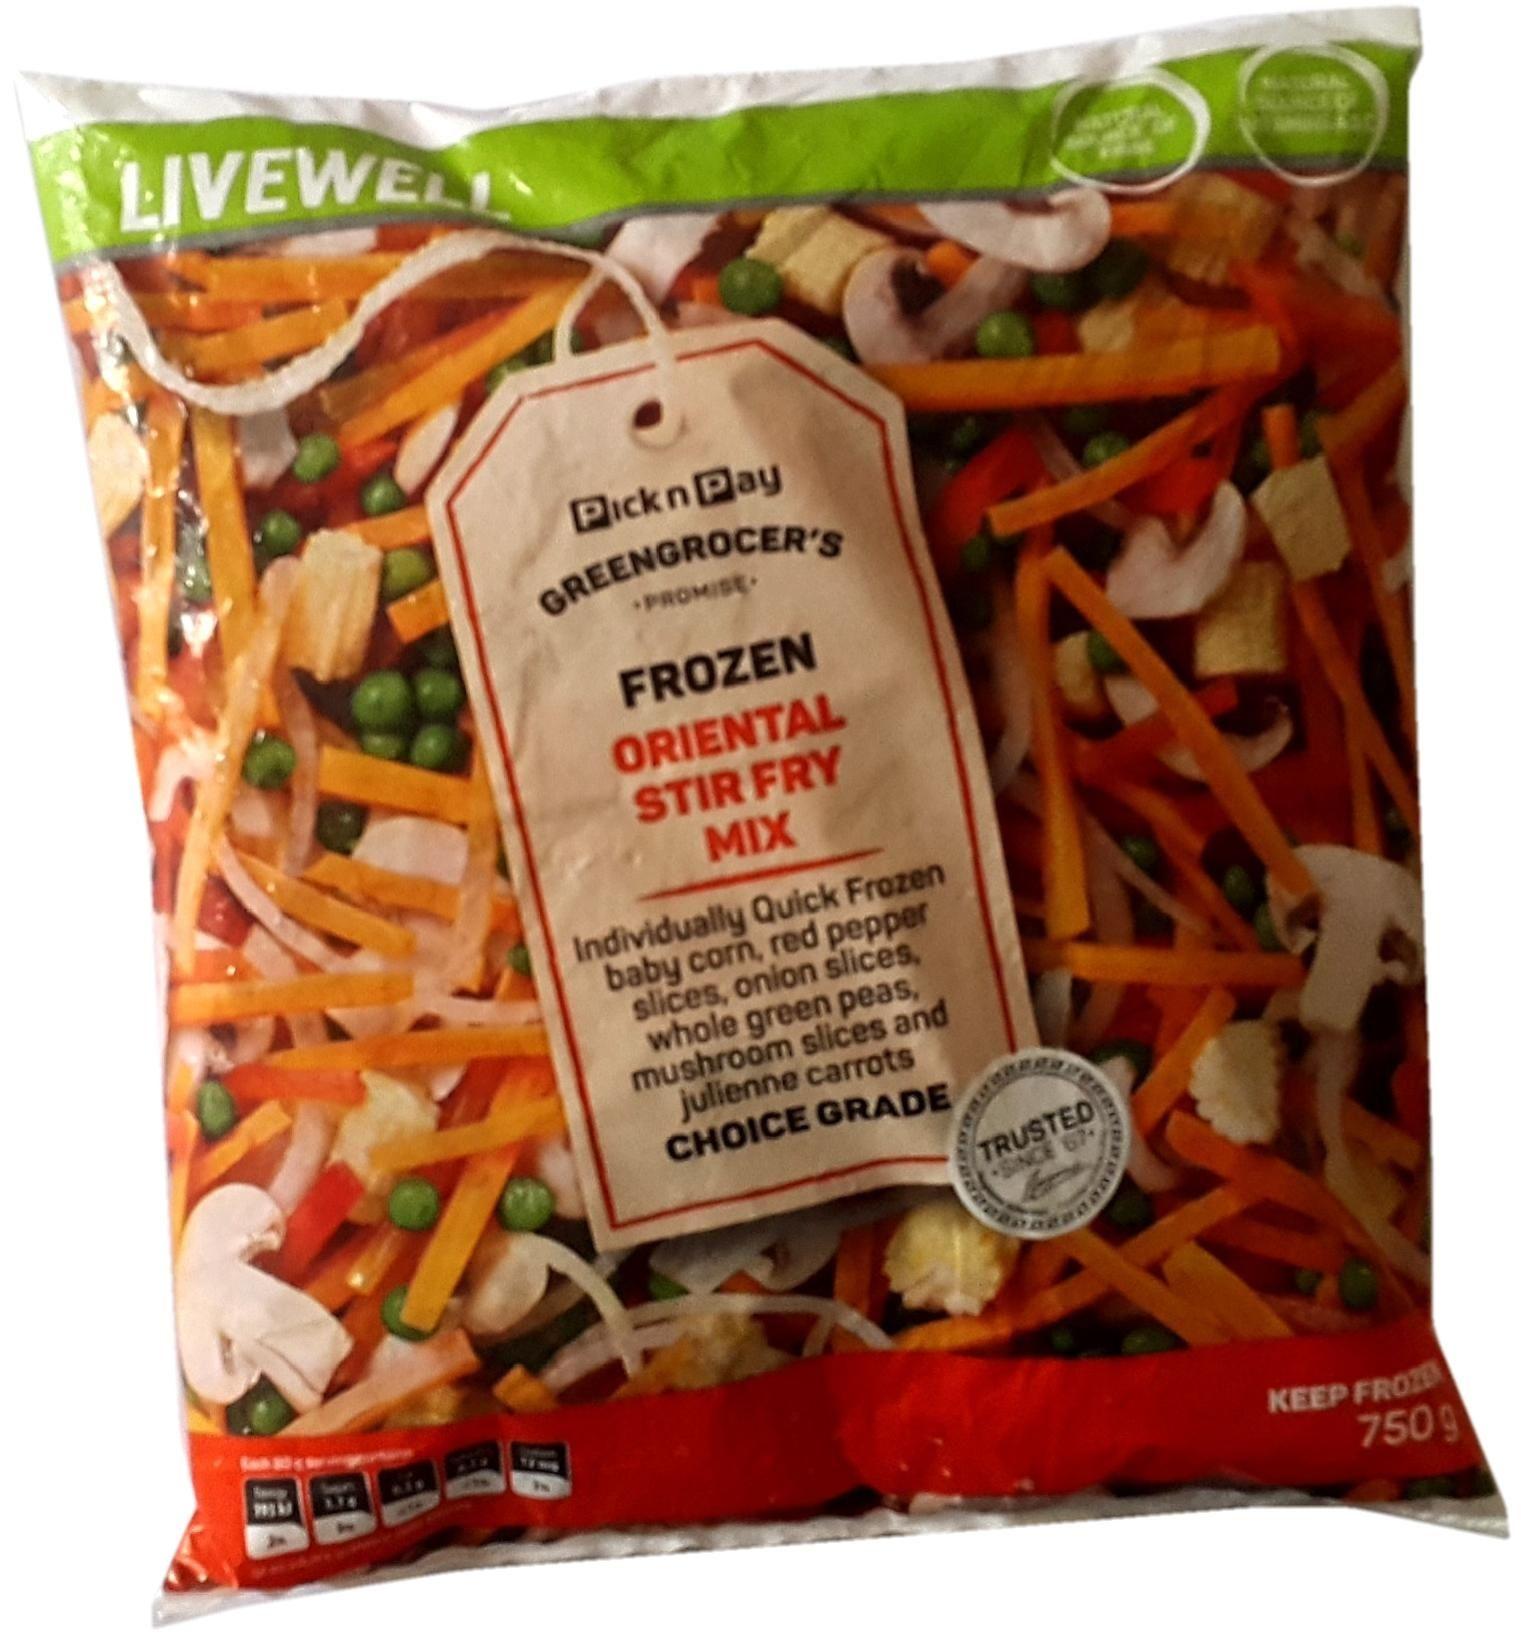 Frozen Oriental Stir Fry Mix